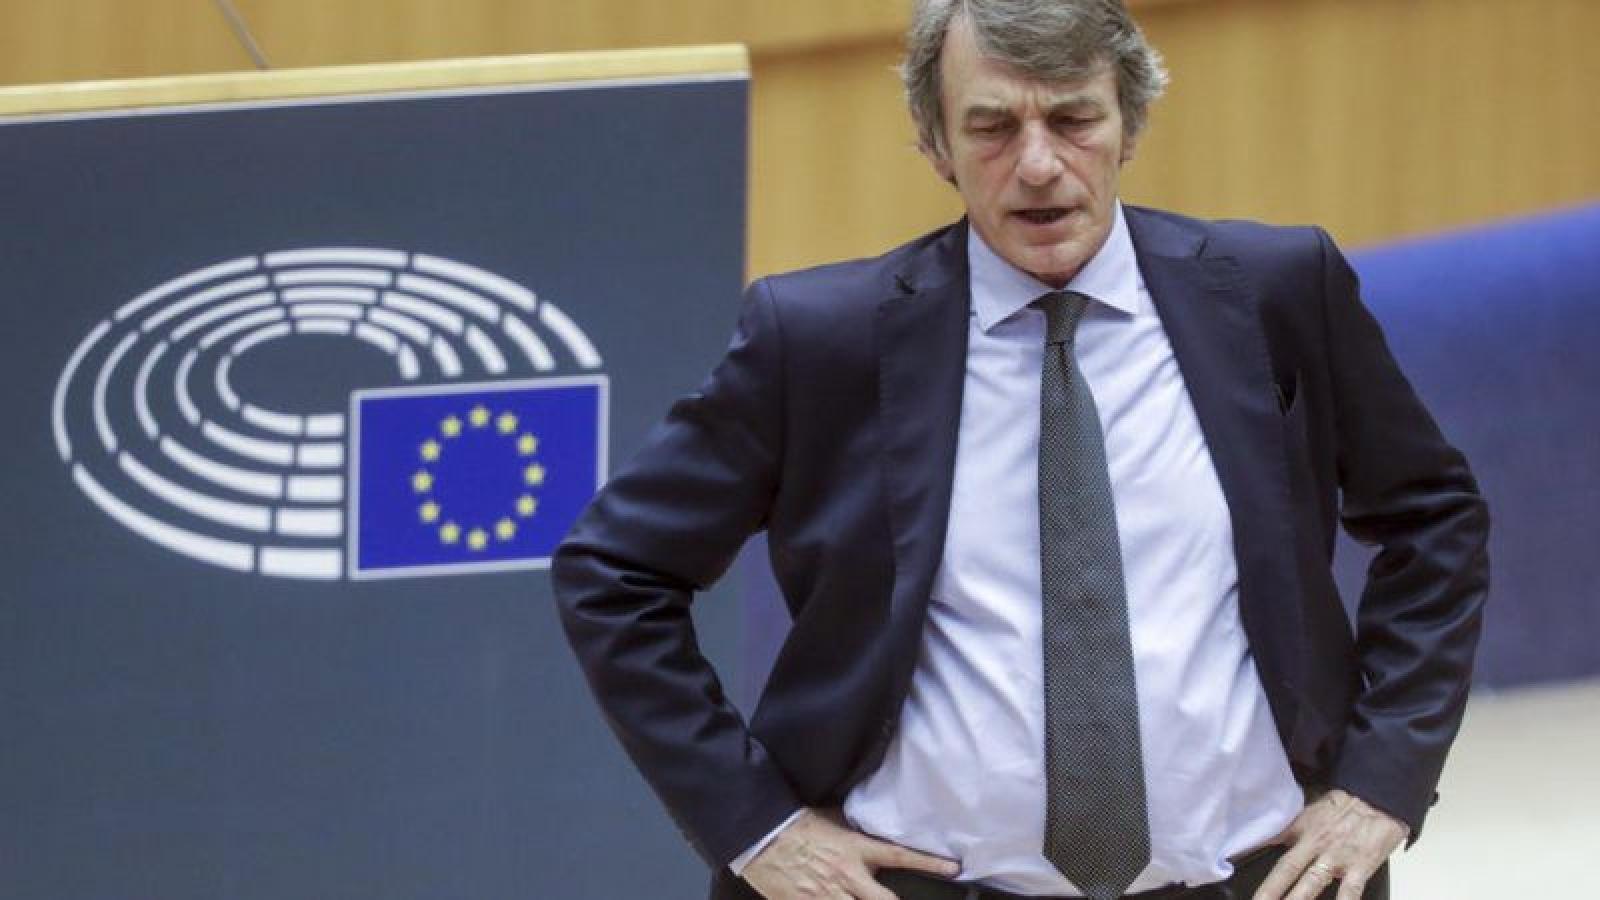 EP ra nghị quyết phê phán cách đối phó dịch bệnh của 2 nước thành viên Thể hiện